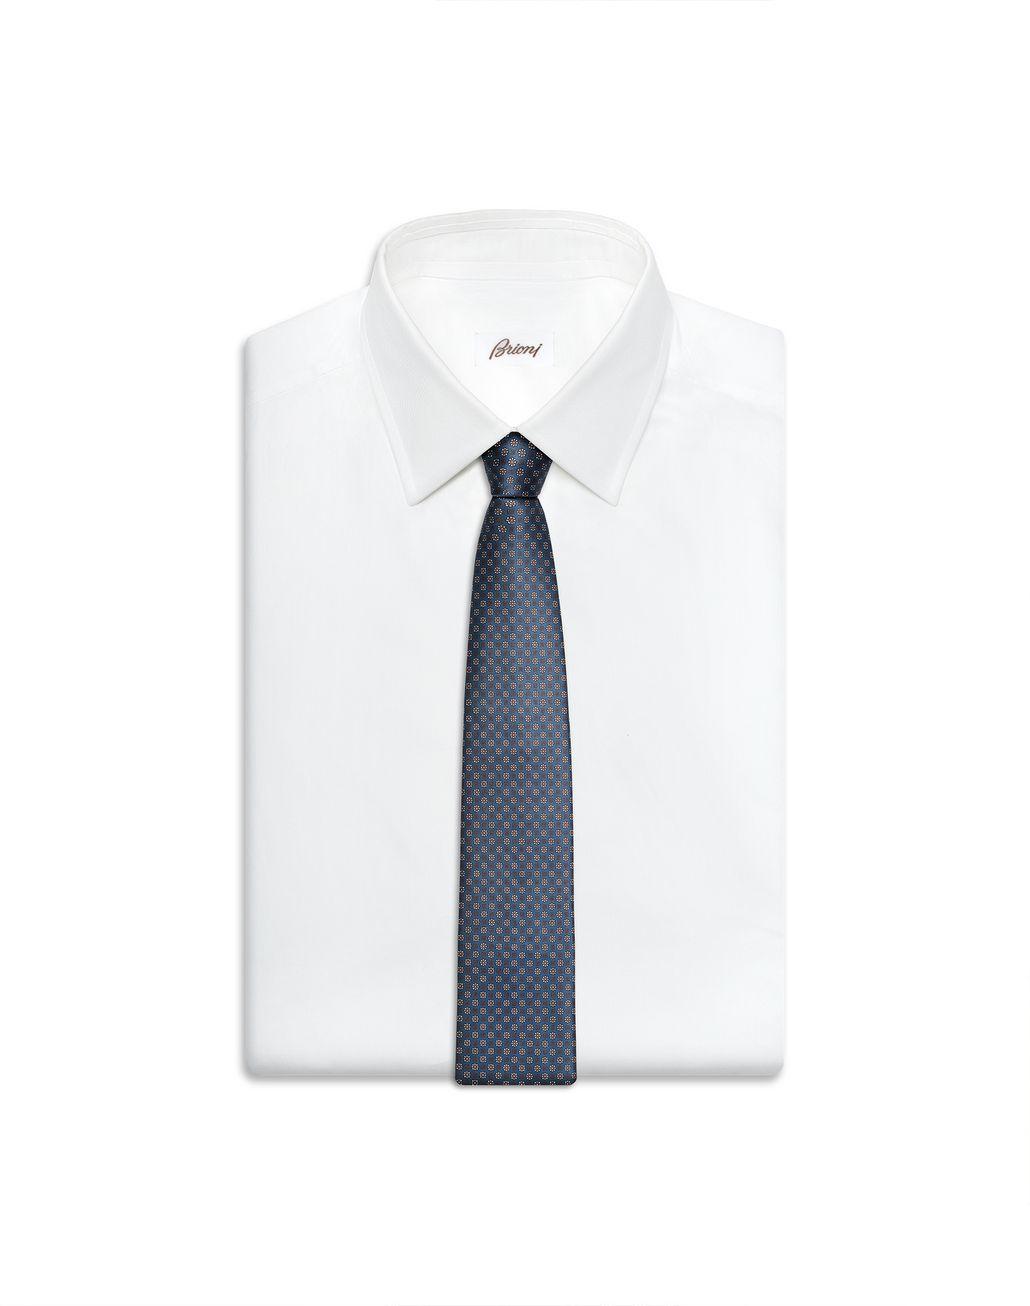 BRIONI Cravatta Bluette con Microfantasia Cravatta Uomo e